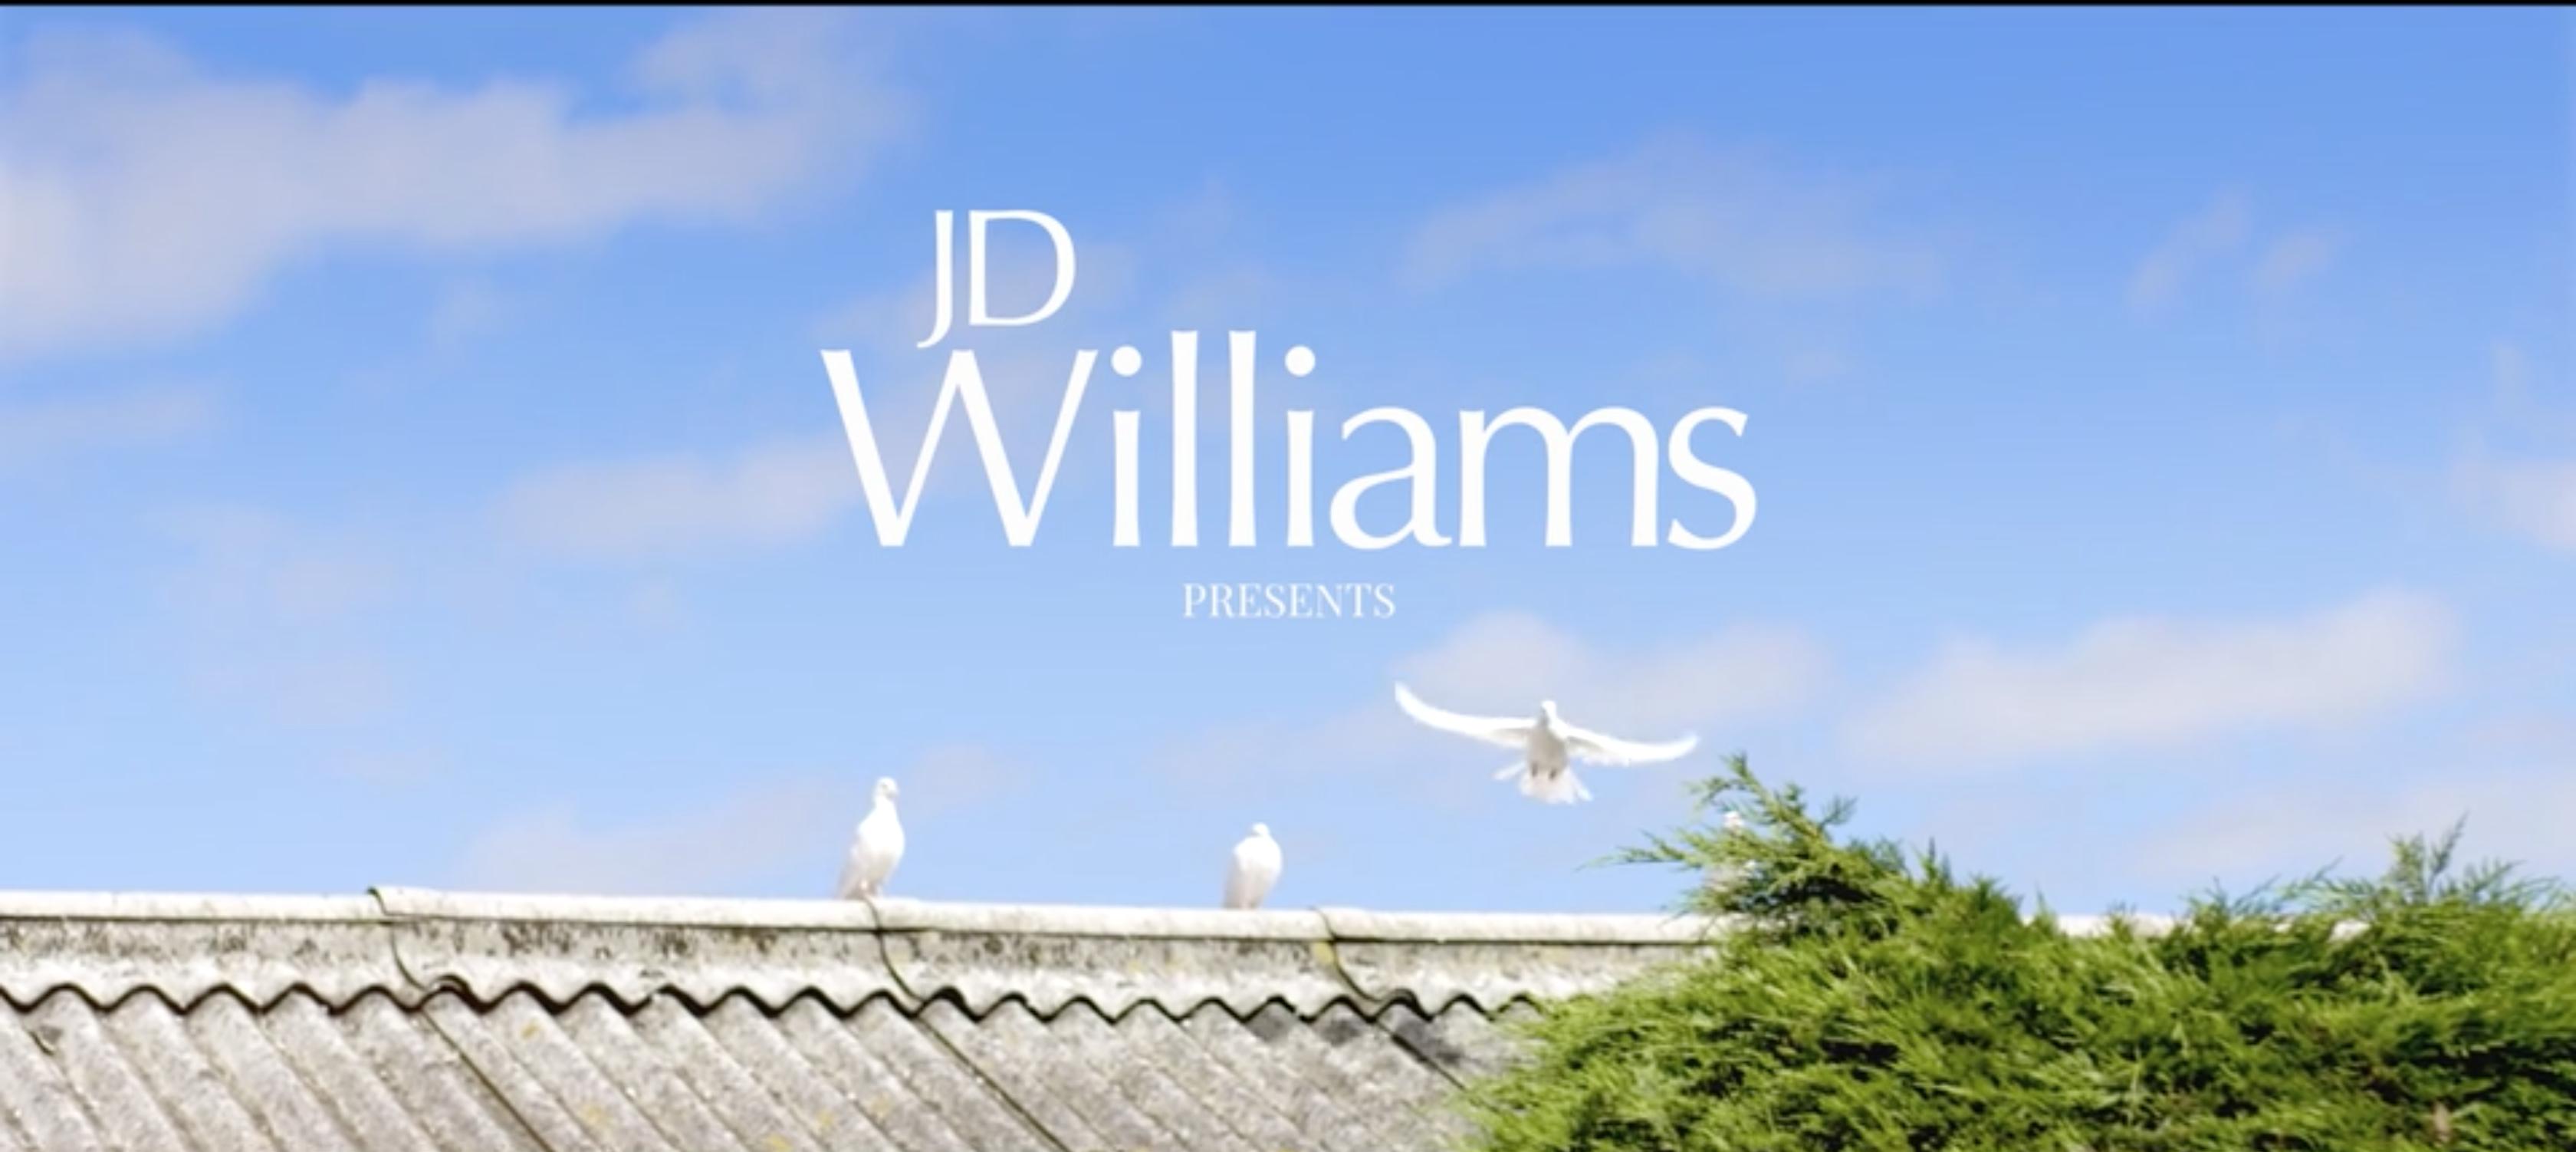 JD WILLIAMS